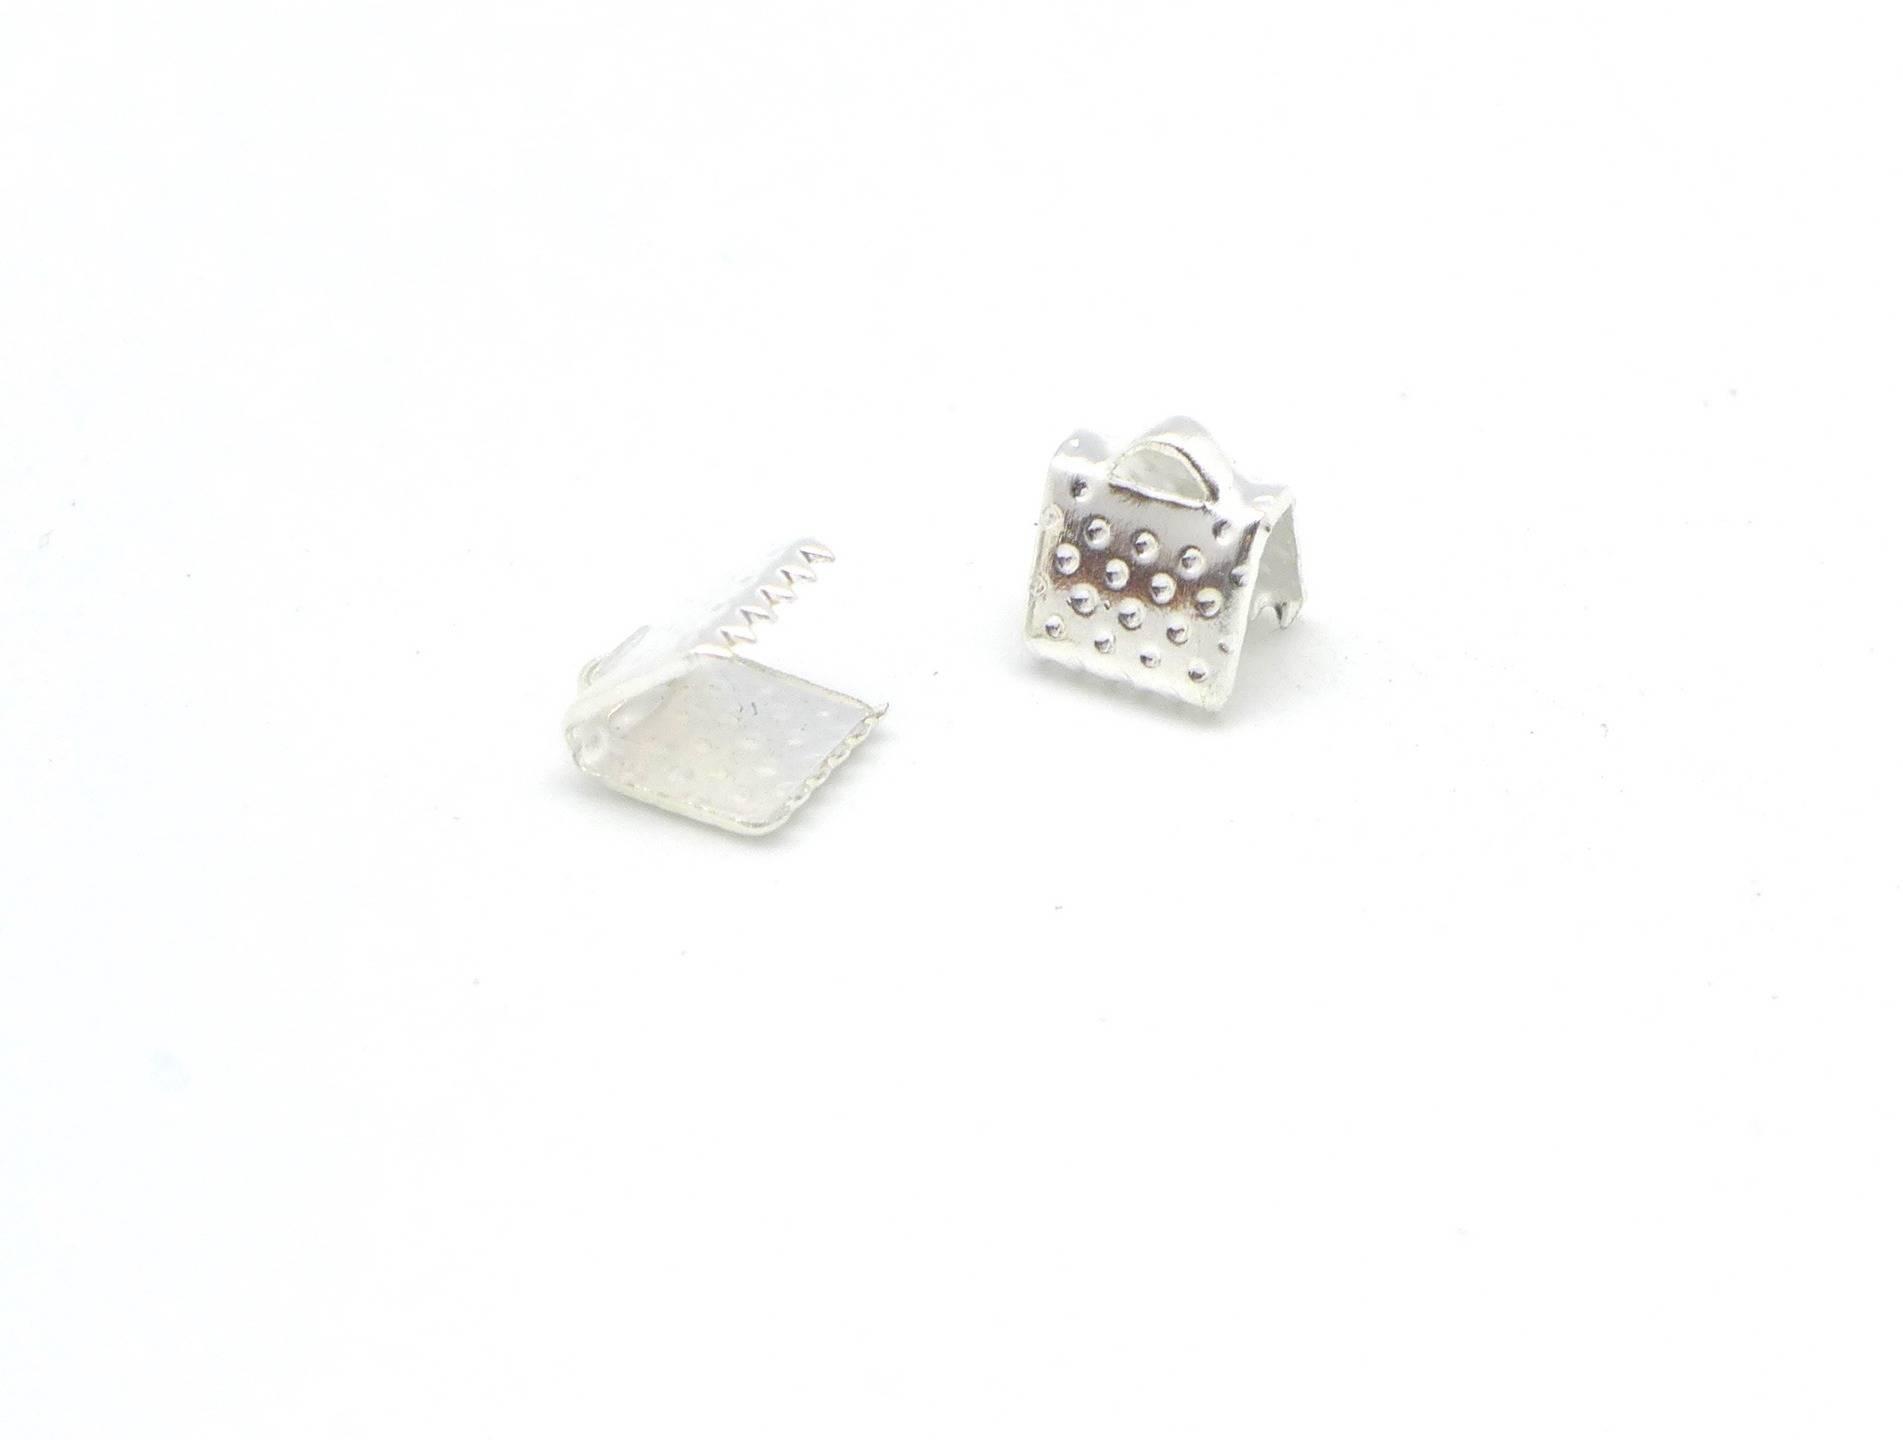 20 Embouts griffe serre ruban, pour lanière de 6mm en métal argenté brillant blanc